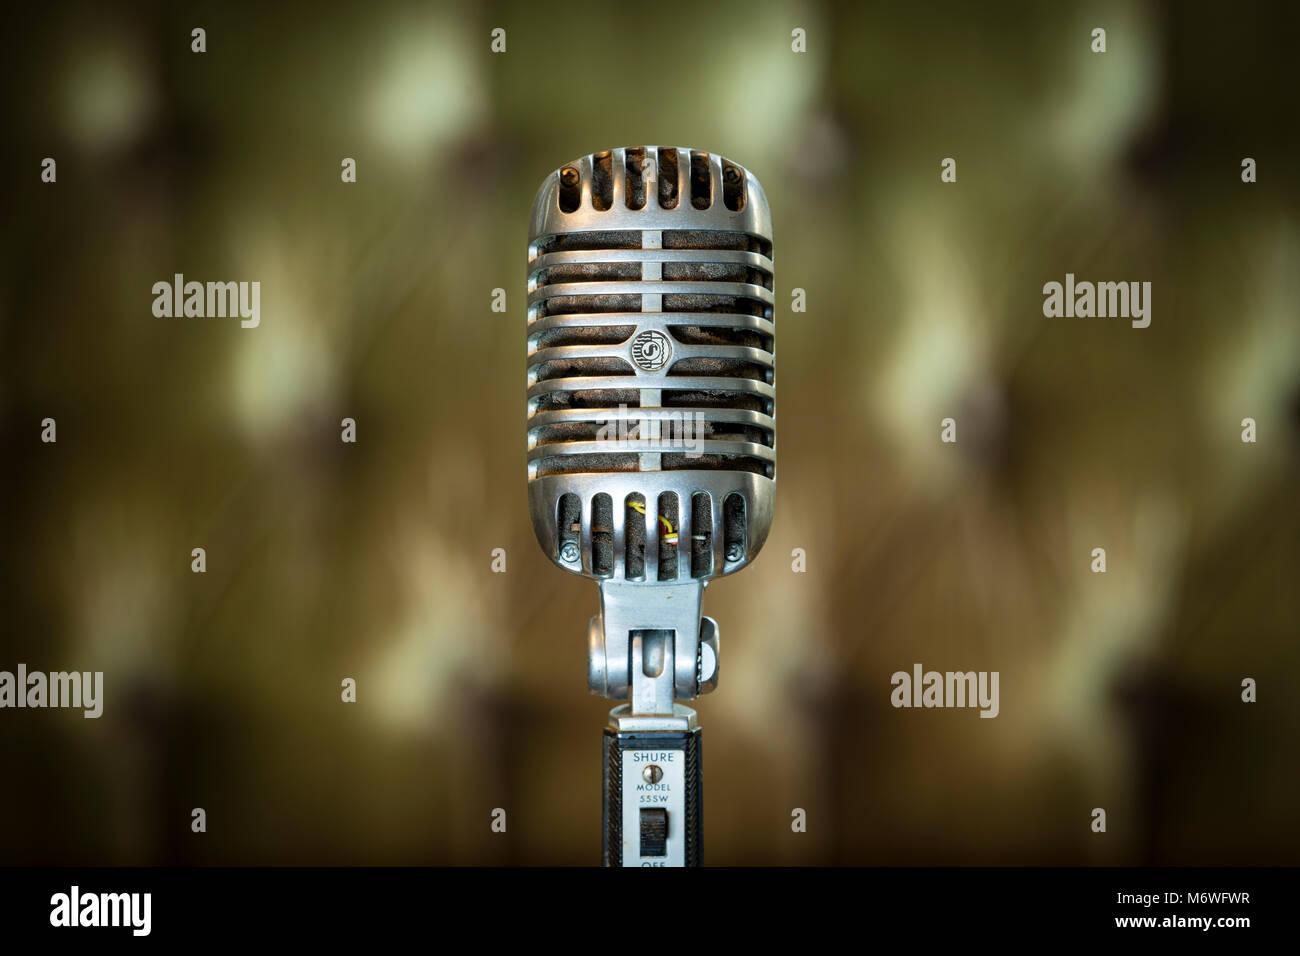 Elvis Presley Vintage 555W Unidyne Shure Microphone dynamique à partir de 1960. Photo Stock